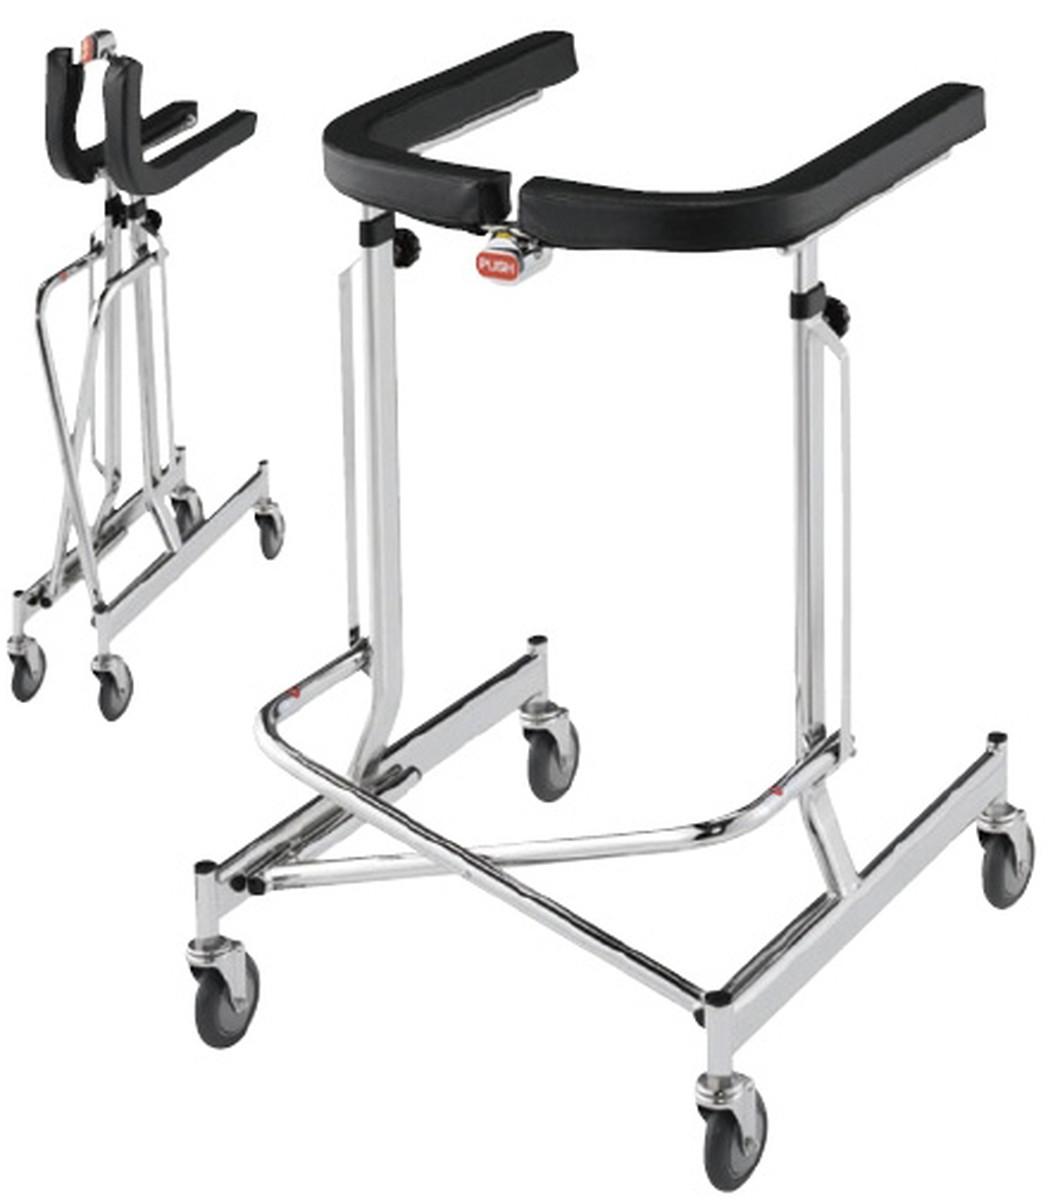 【送料無料】-歩行器 アルコーDX型 100009(オリタタミシキ) 品番 my01-4105-00-- 1入り-【MY医科器機】JAN 4537711000099